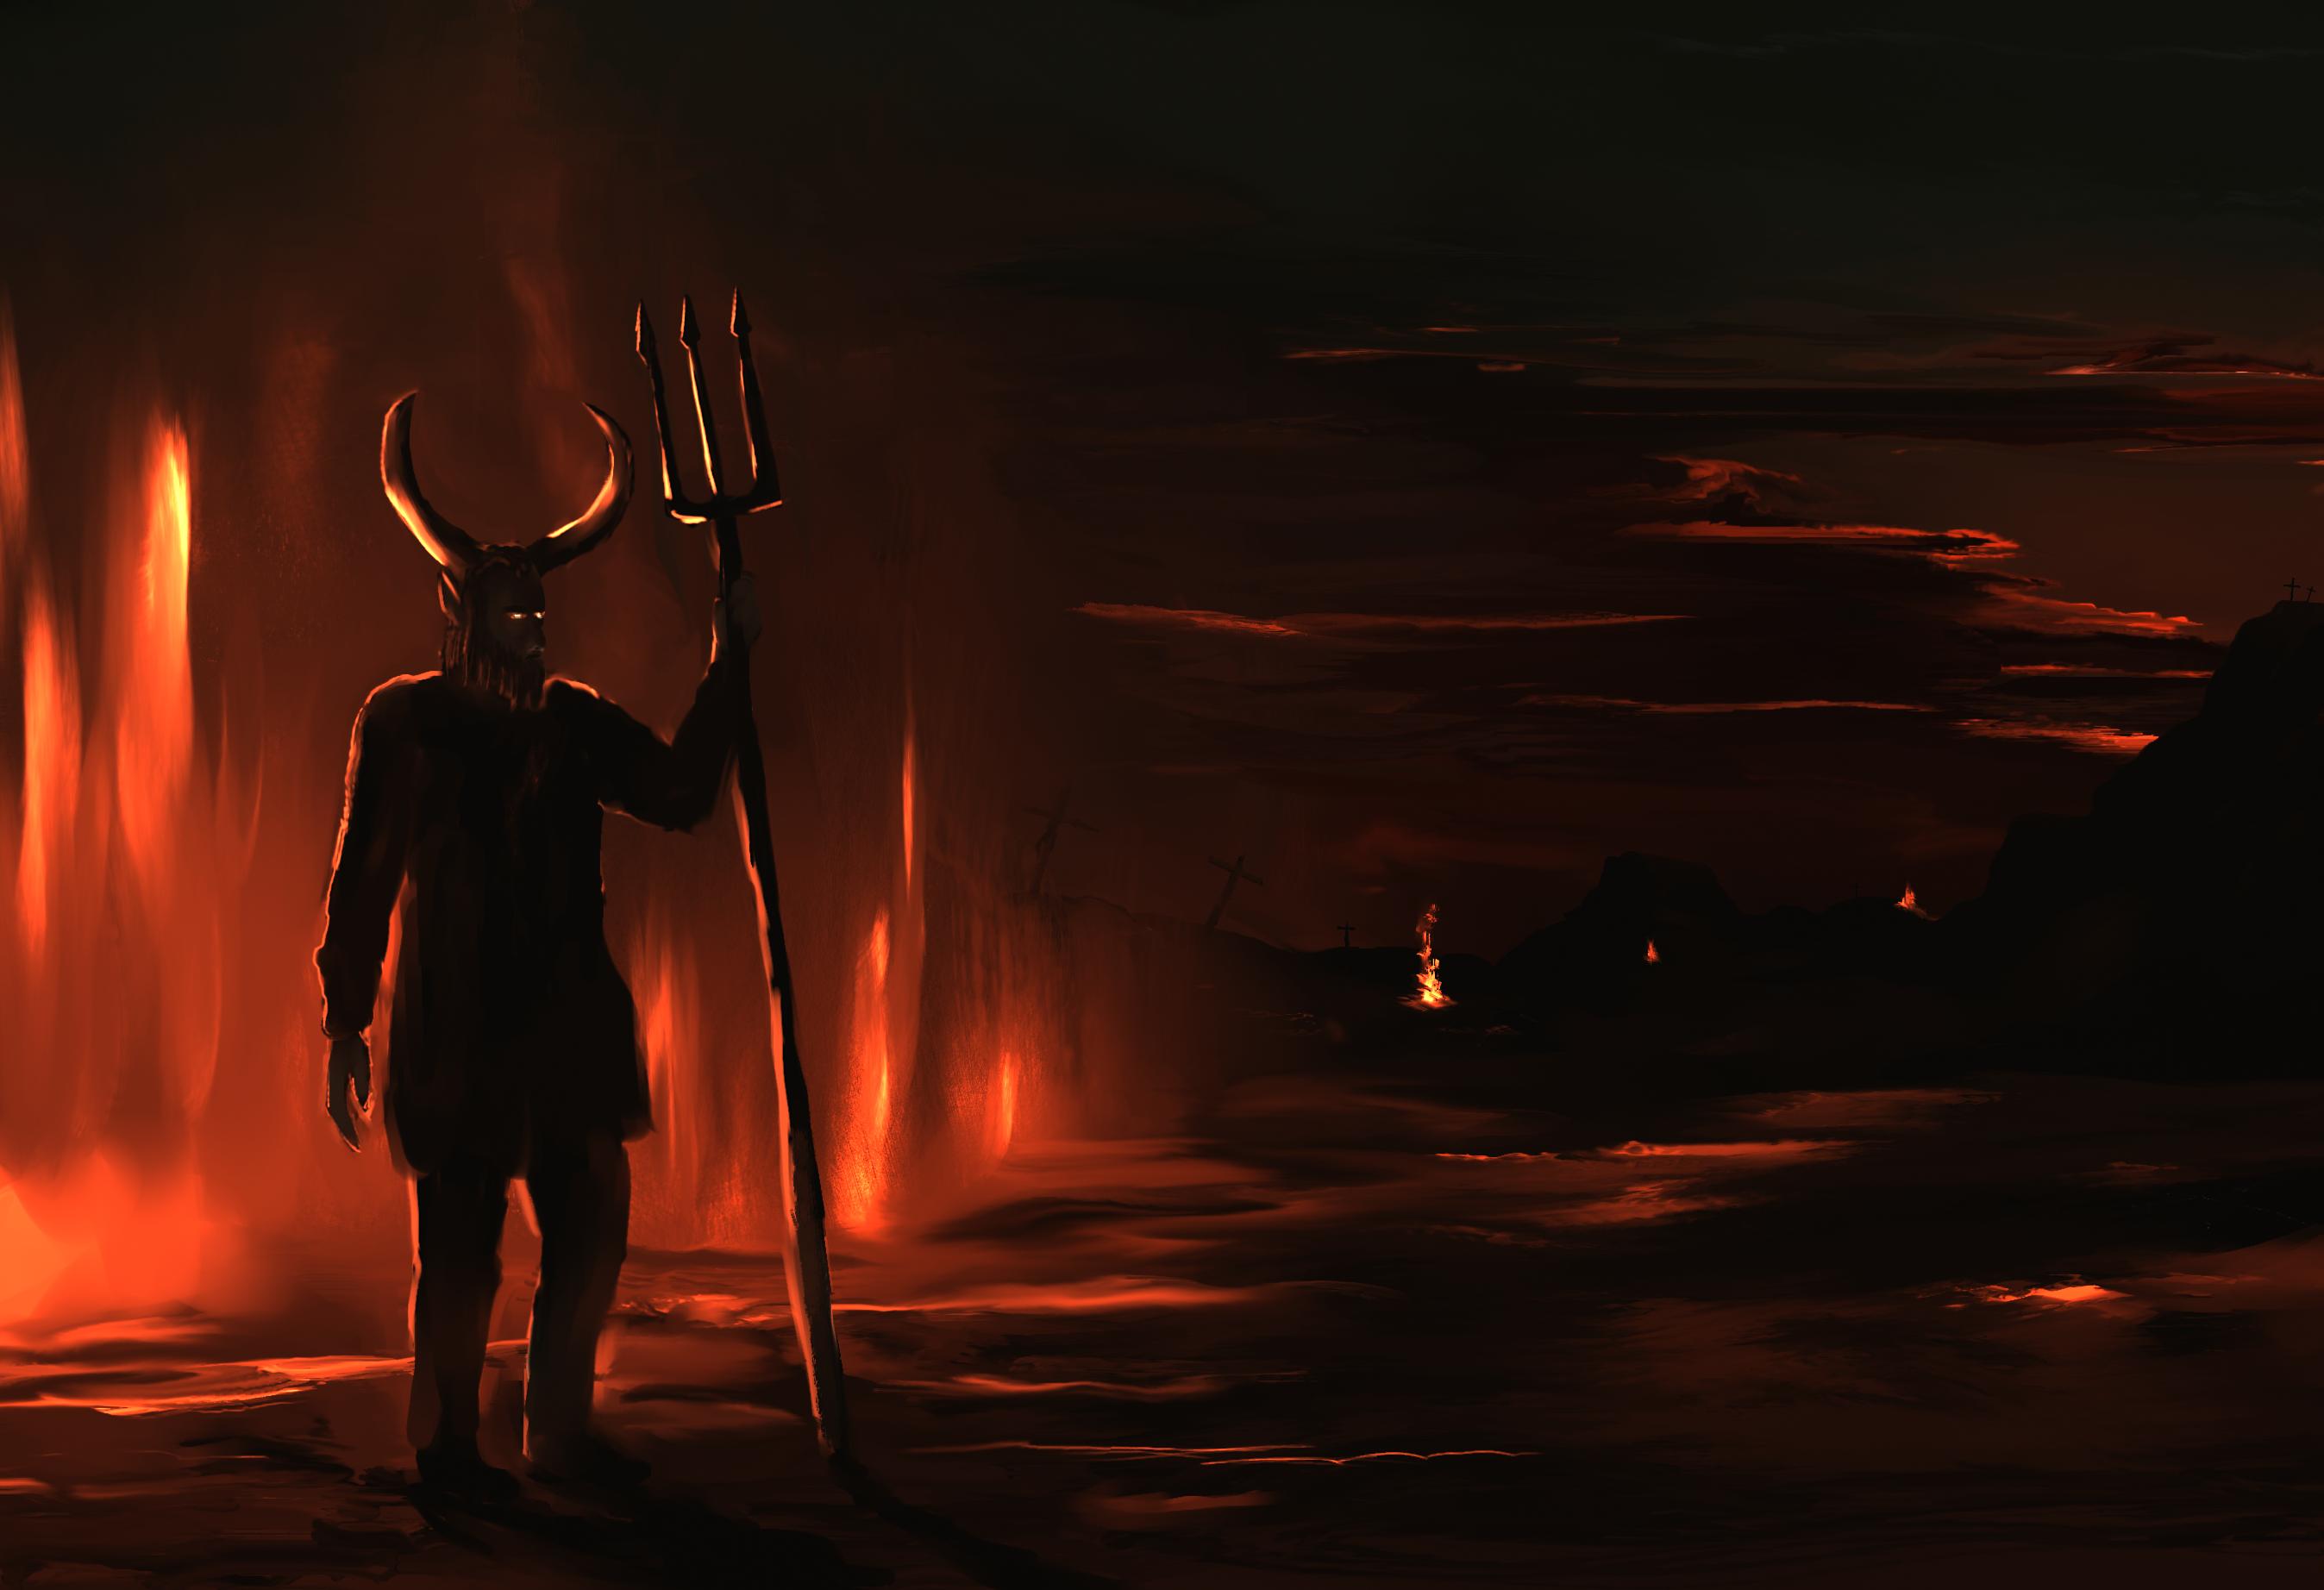 Land of the burning sand